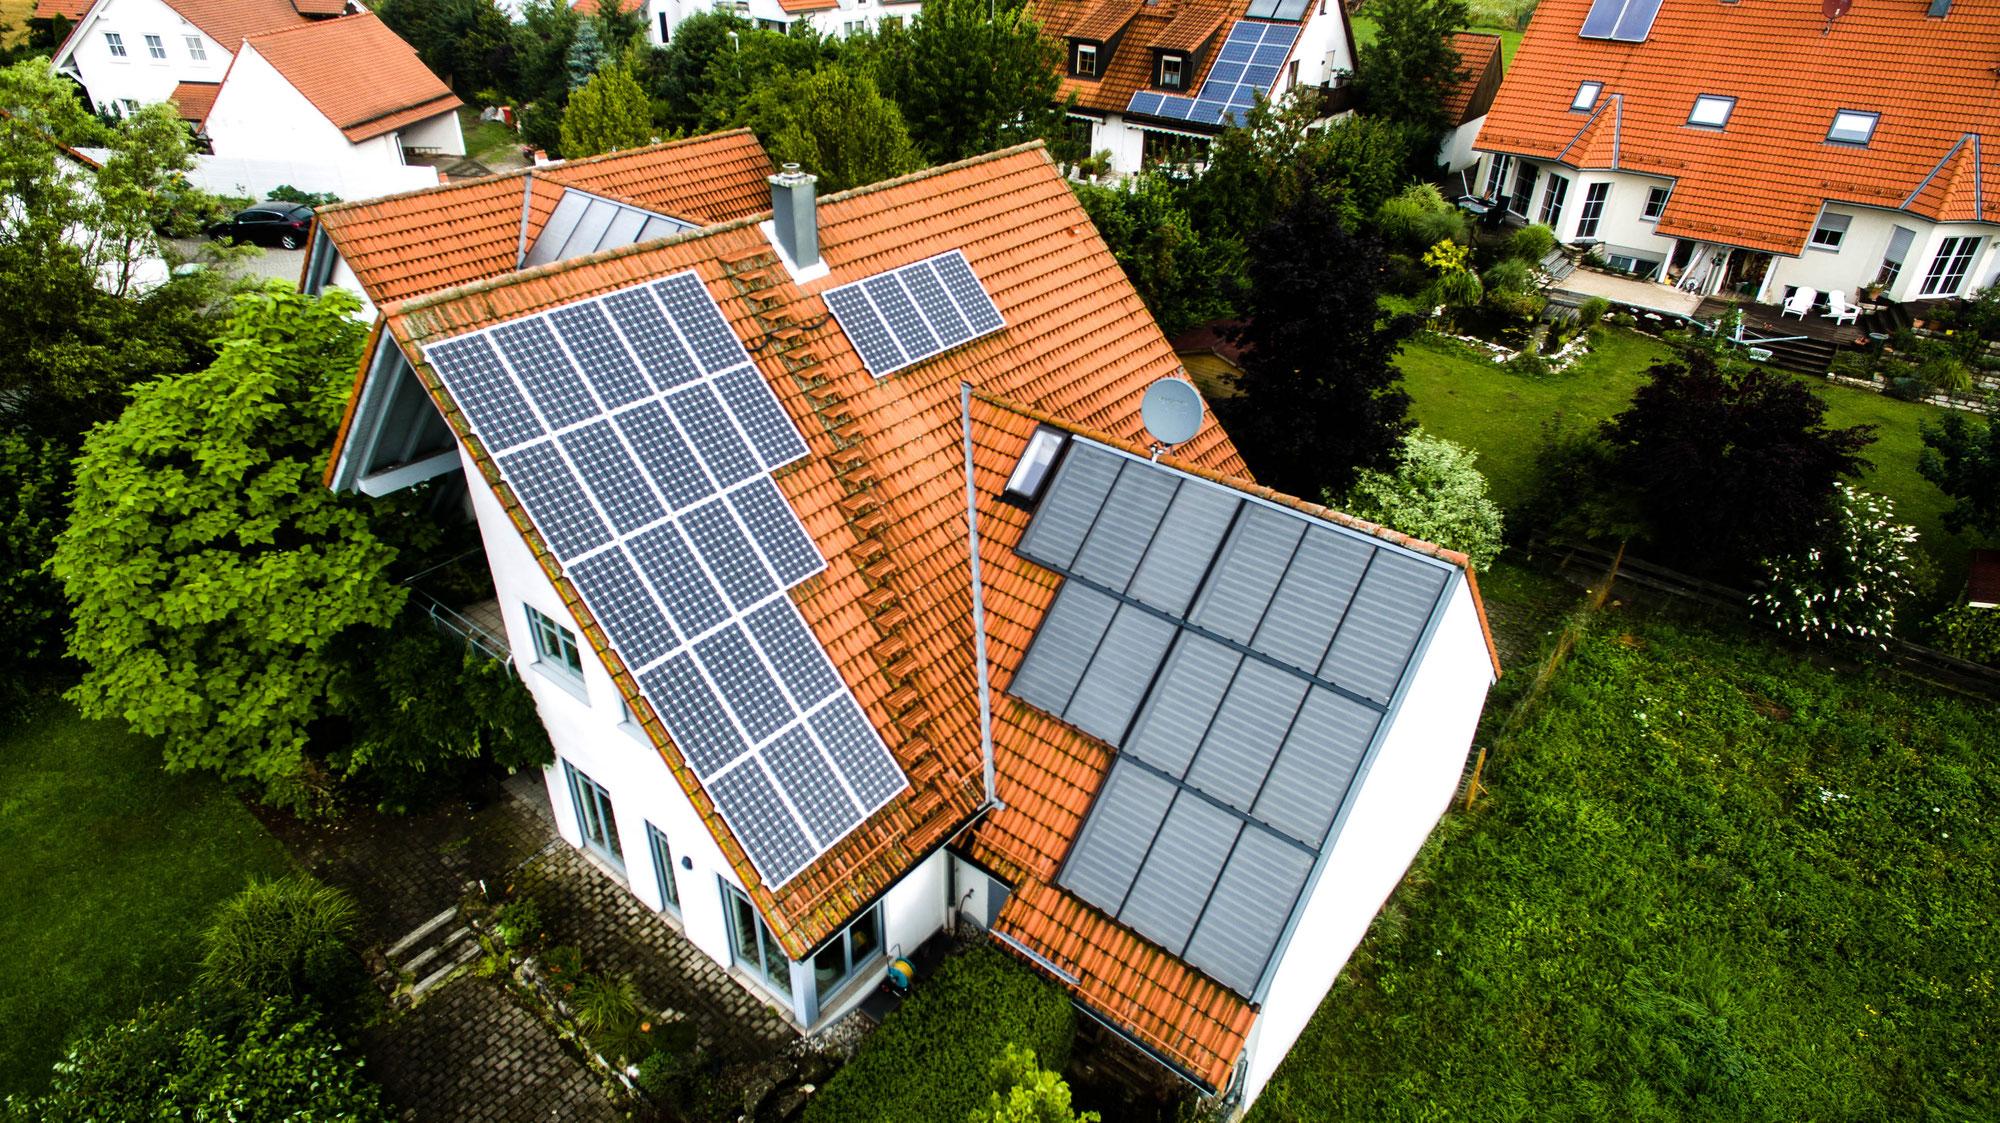 Photovoltaik - Solaranlage kaufen - in Hersbruck